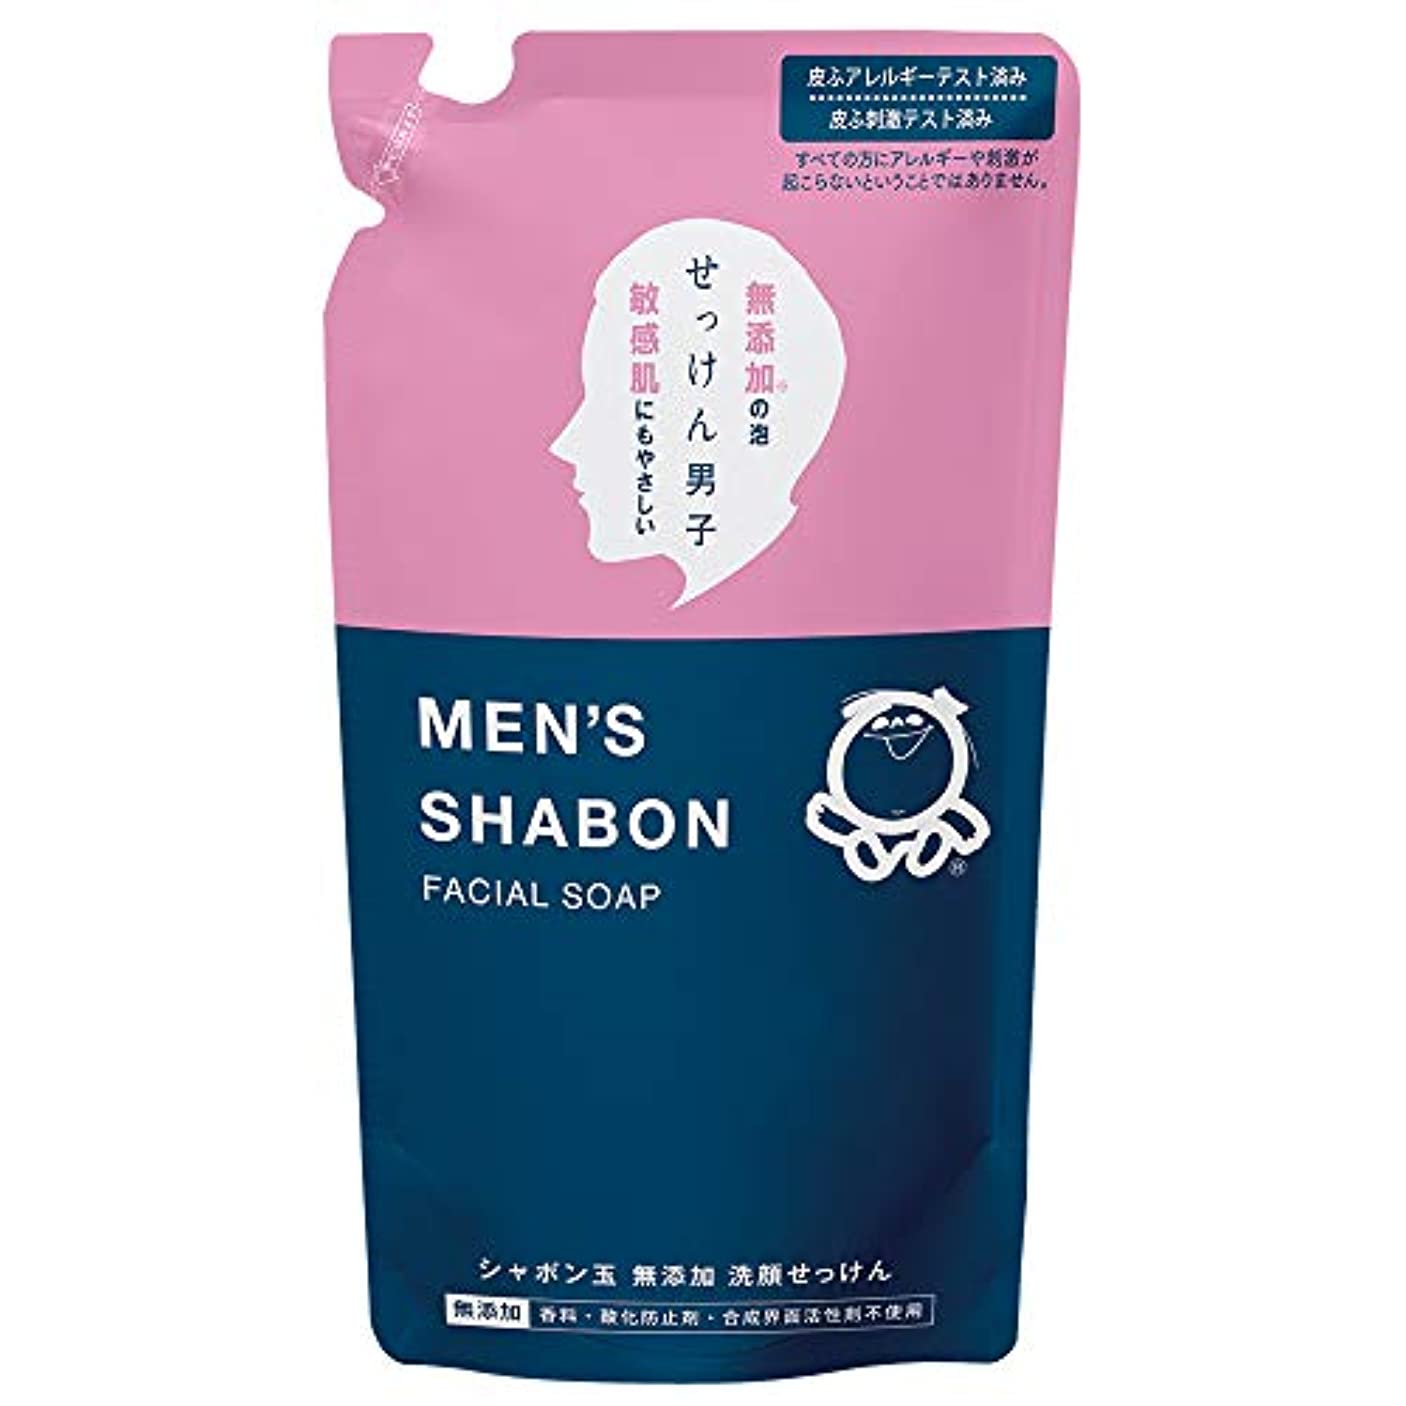 実際の環境に優しいシャープシャボン玉 無添加洗顔せっけん メンズシャボン フェイシャルソープ つめかえ用 250mL